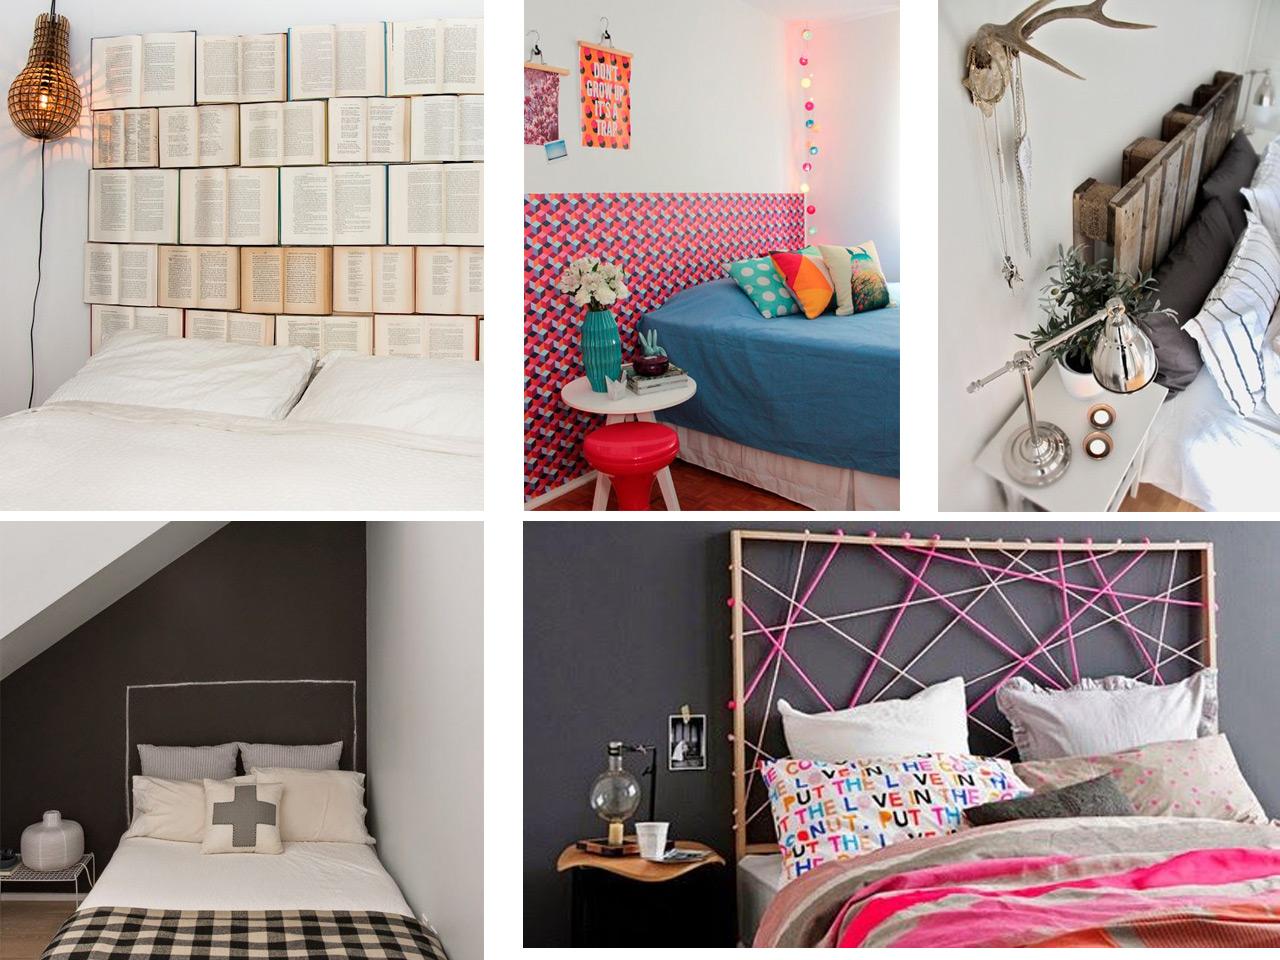 Amueblar piso completo por 1000 euros es posible - Amueblar piso completo merkamueble ...